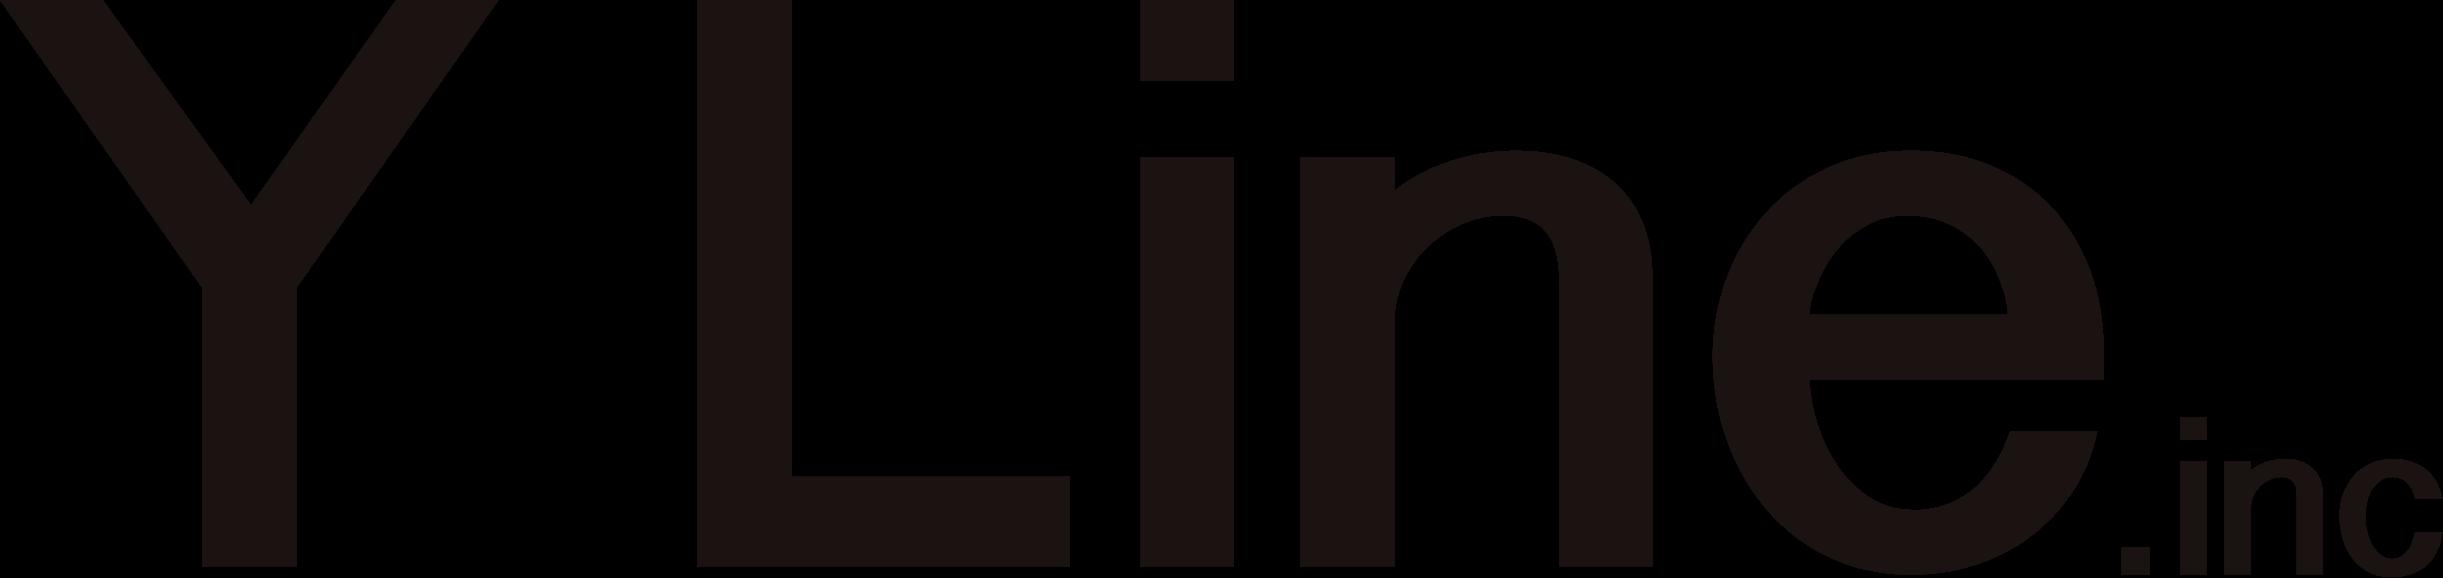 株式会社Y Line